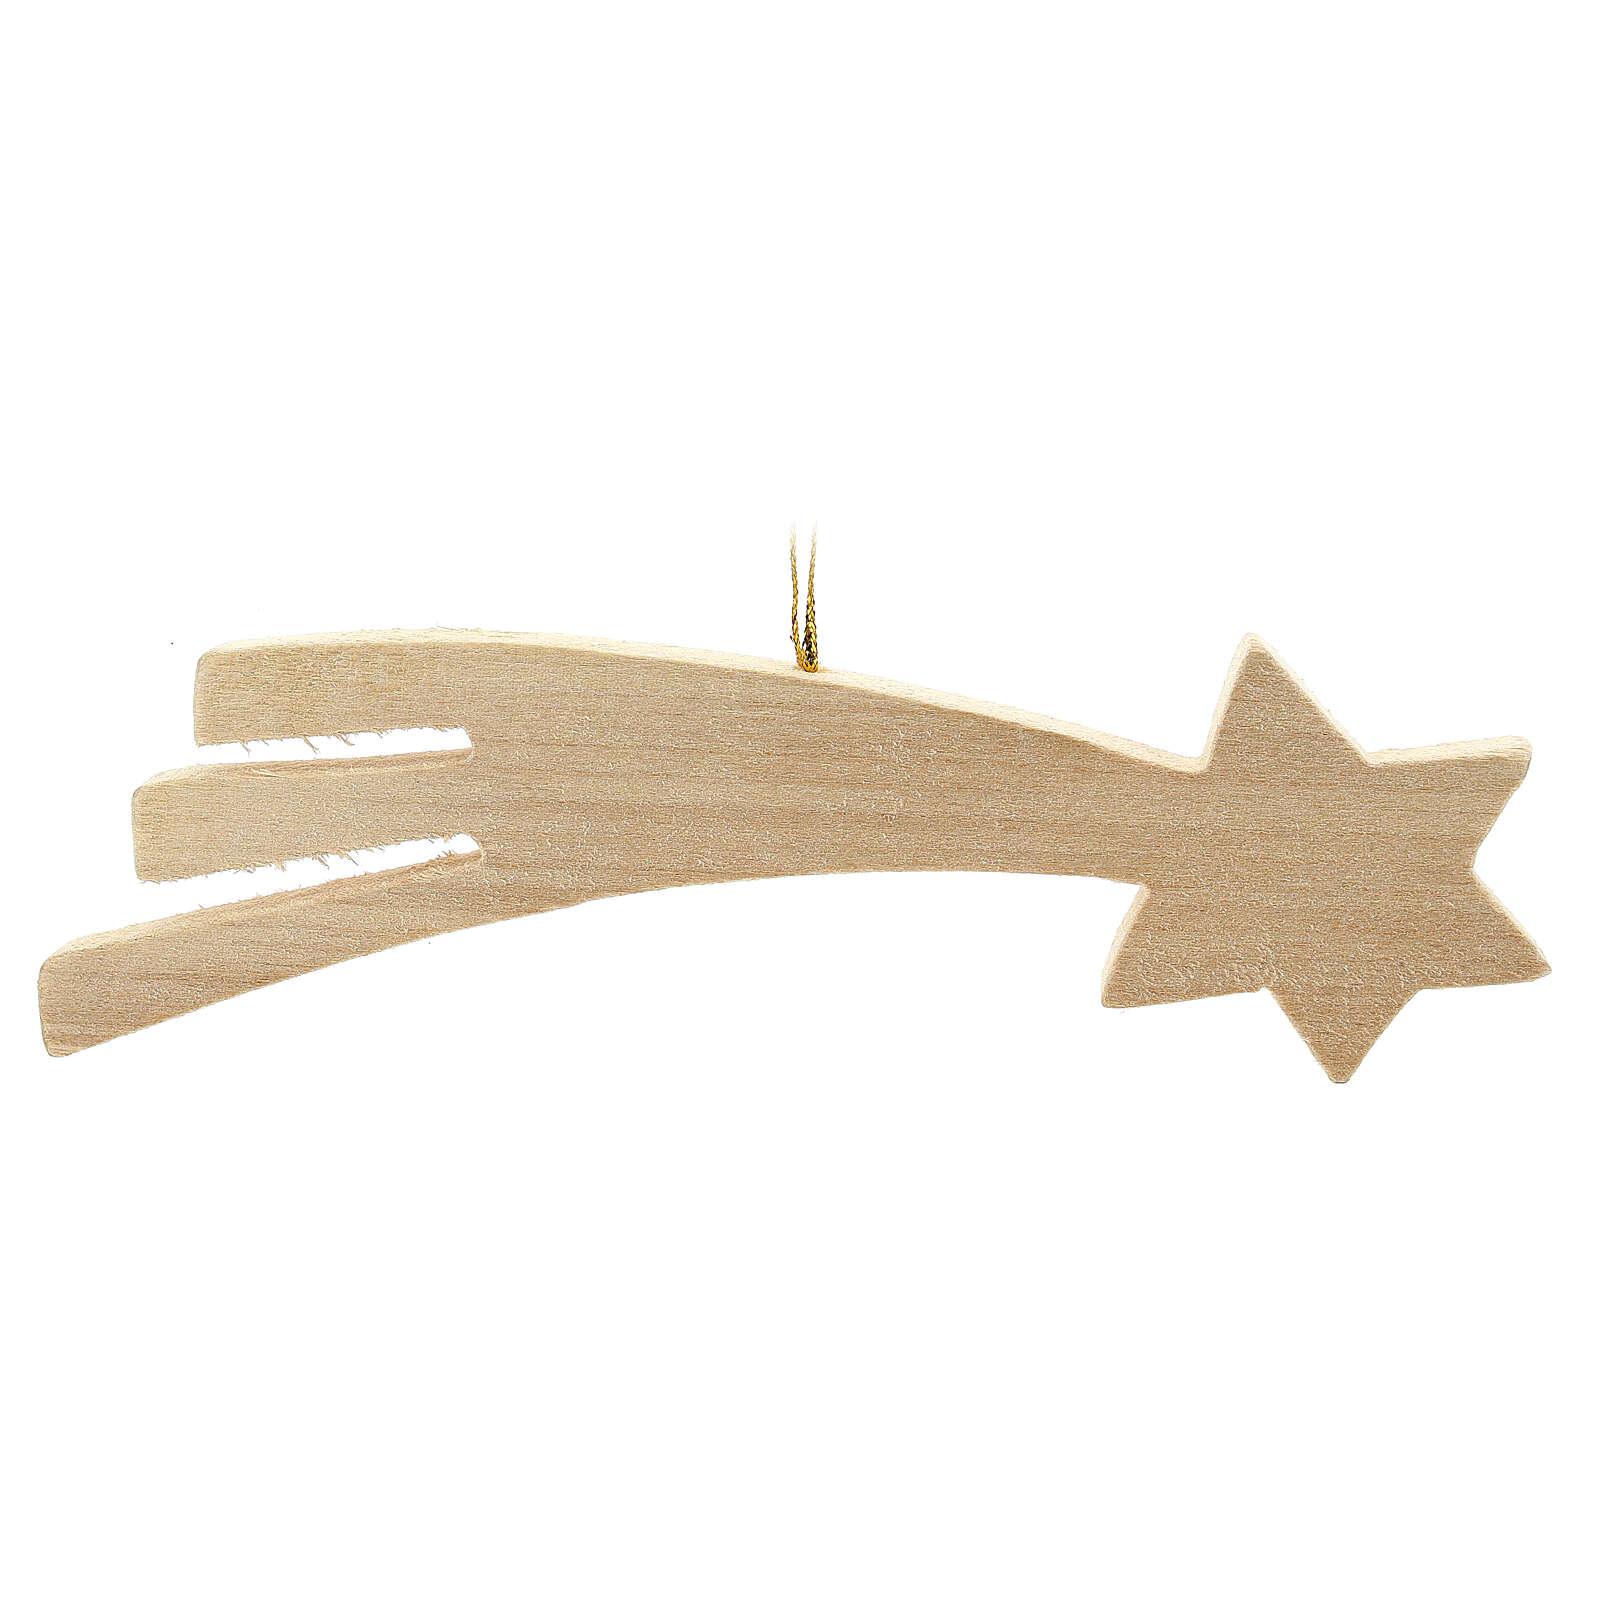 Gwiazda kometa drewno 16 cm 4